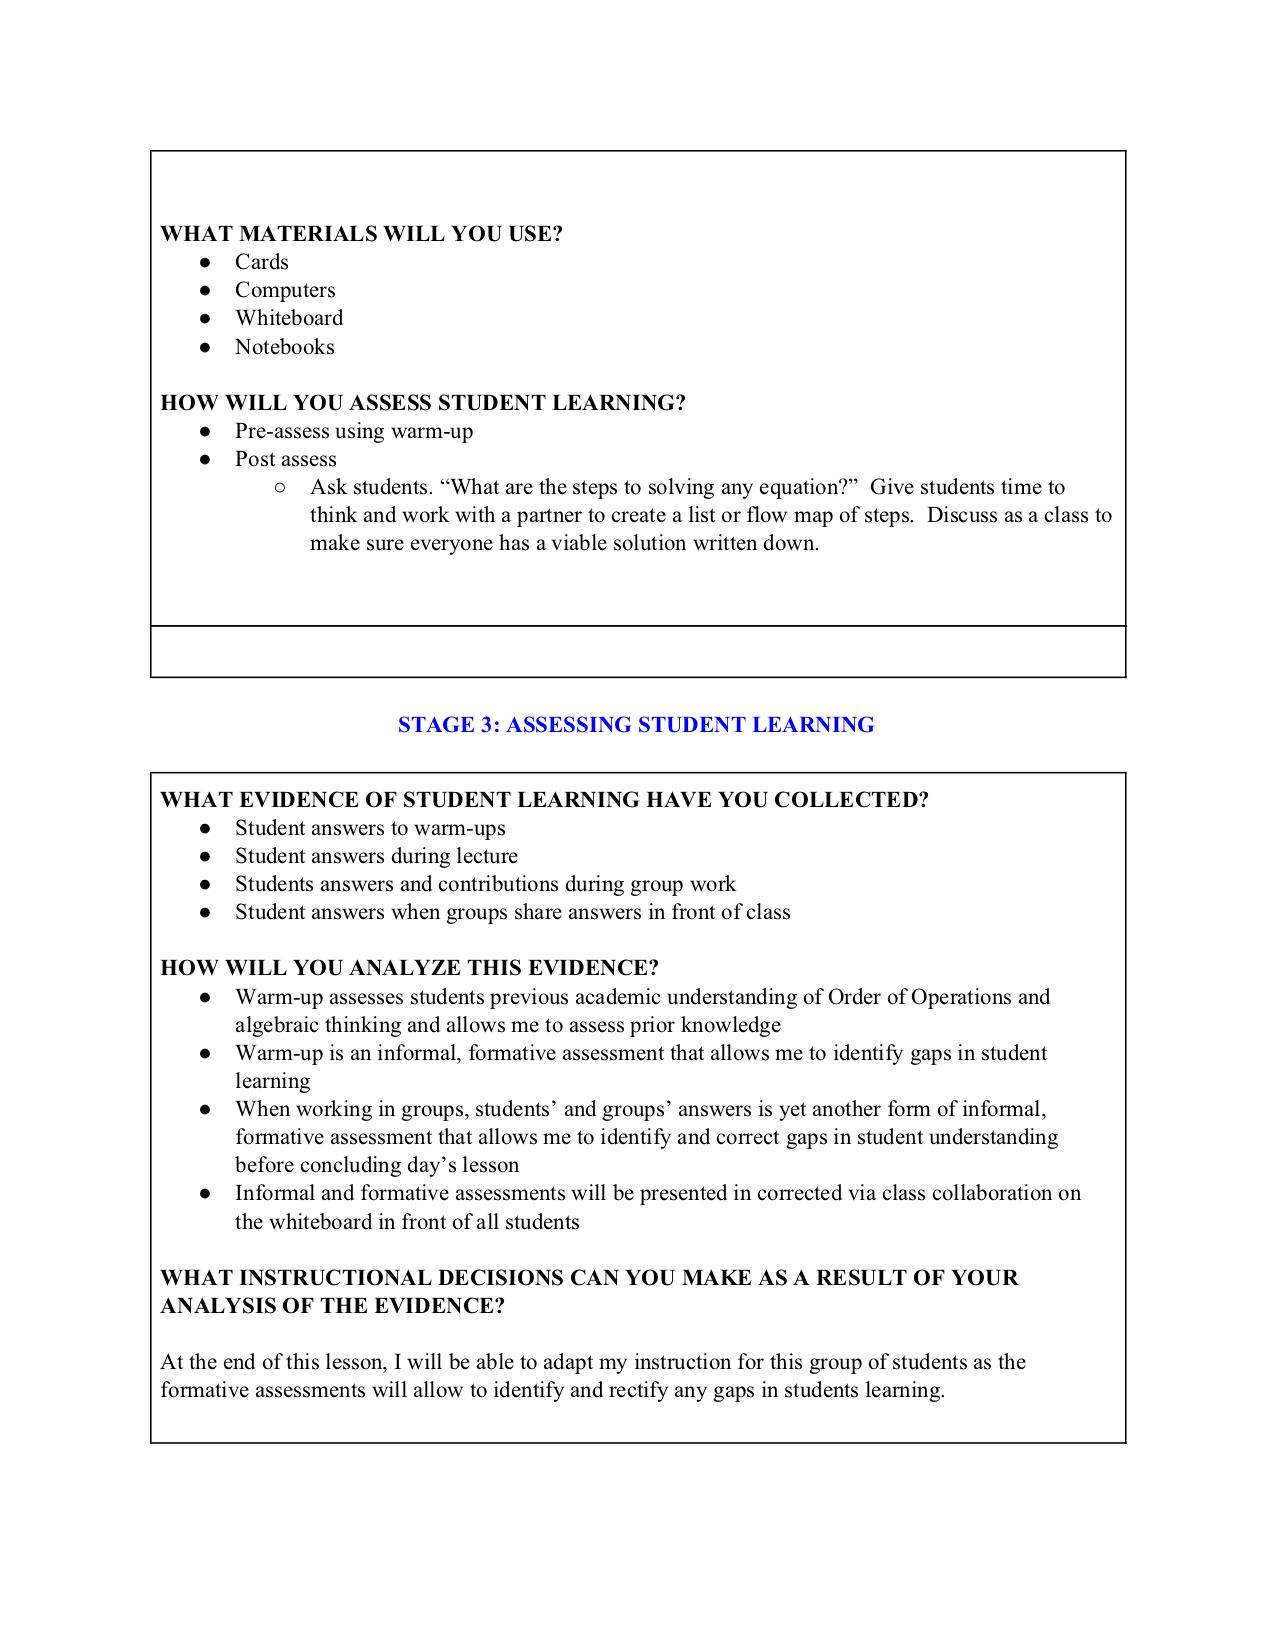 ITL-608 Literacy learning plan copy8.jpg